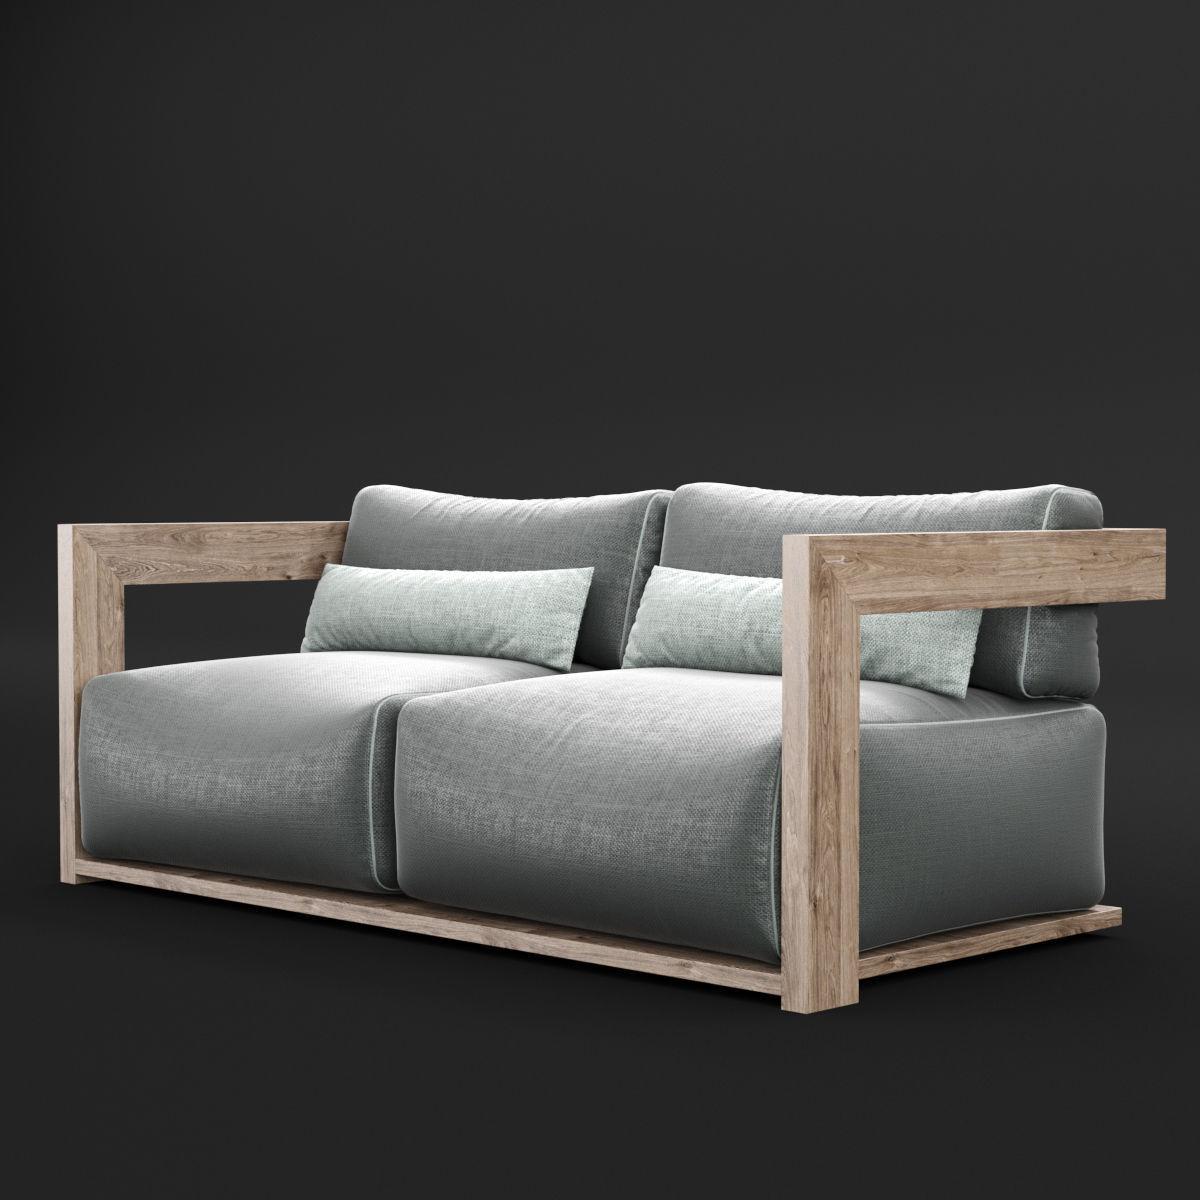 Reclaimed wood sofa 1 3D model MAX OBJ FBX